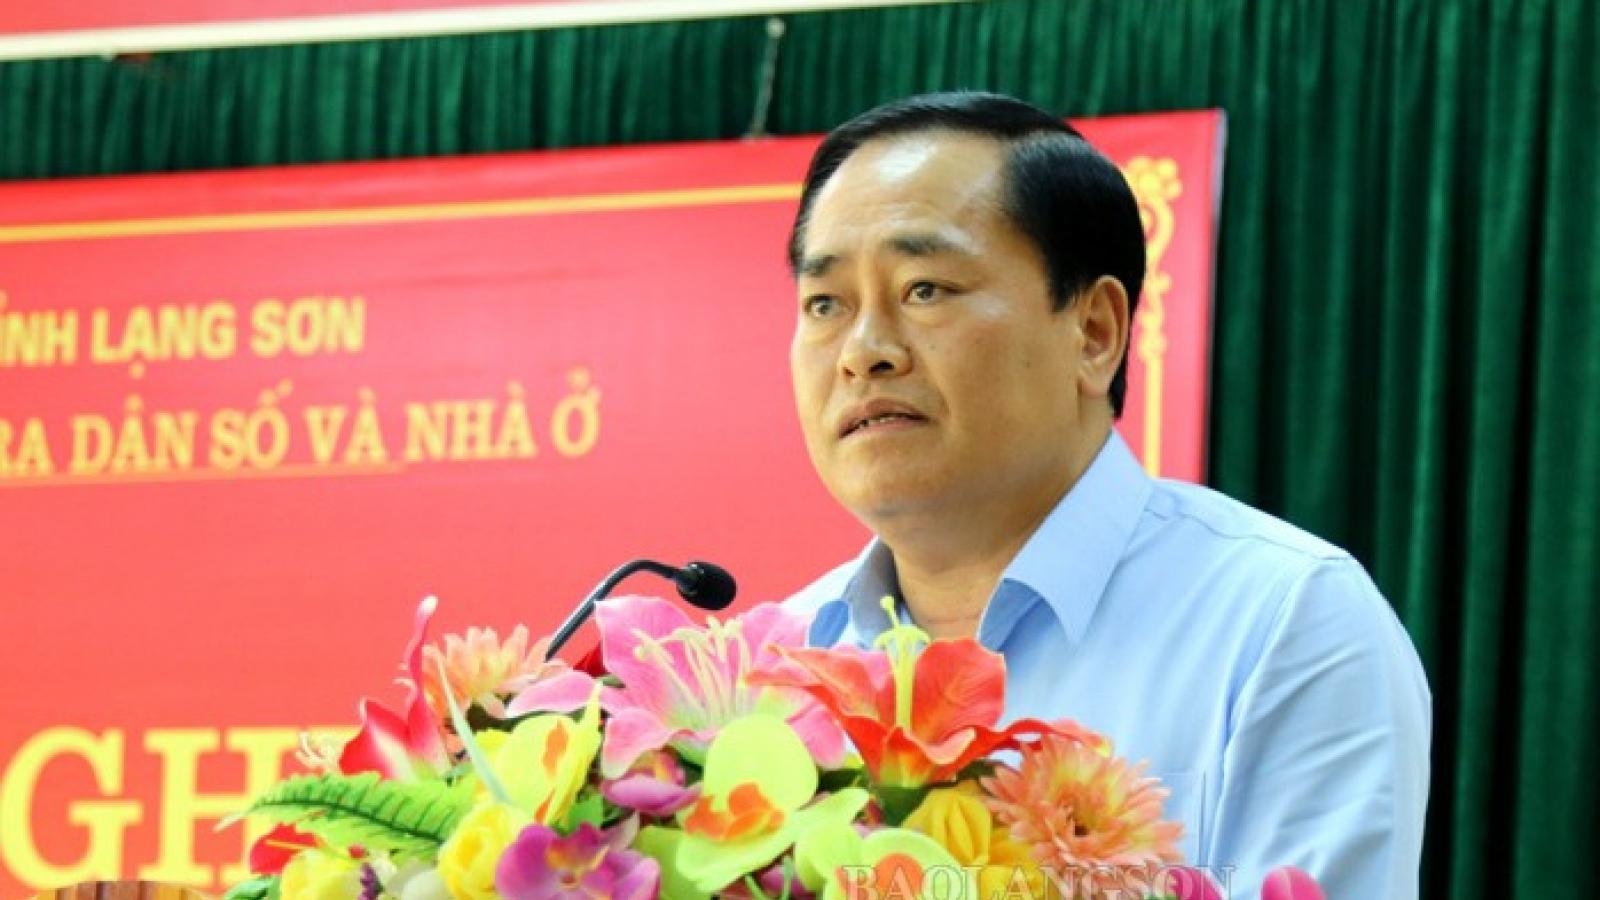 Ông Hồ Tiến Thiệu giữ chức Phó Bí thư, Chủ tịch tỉnh Lạng Sơn